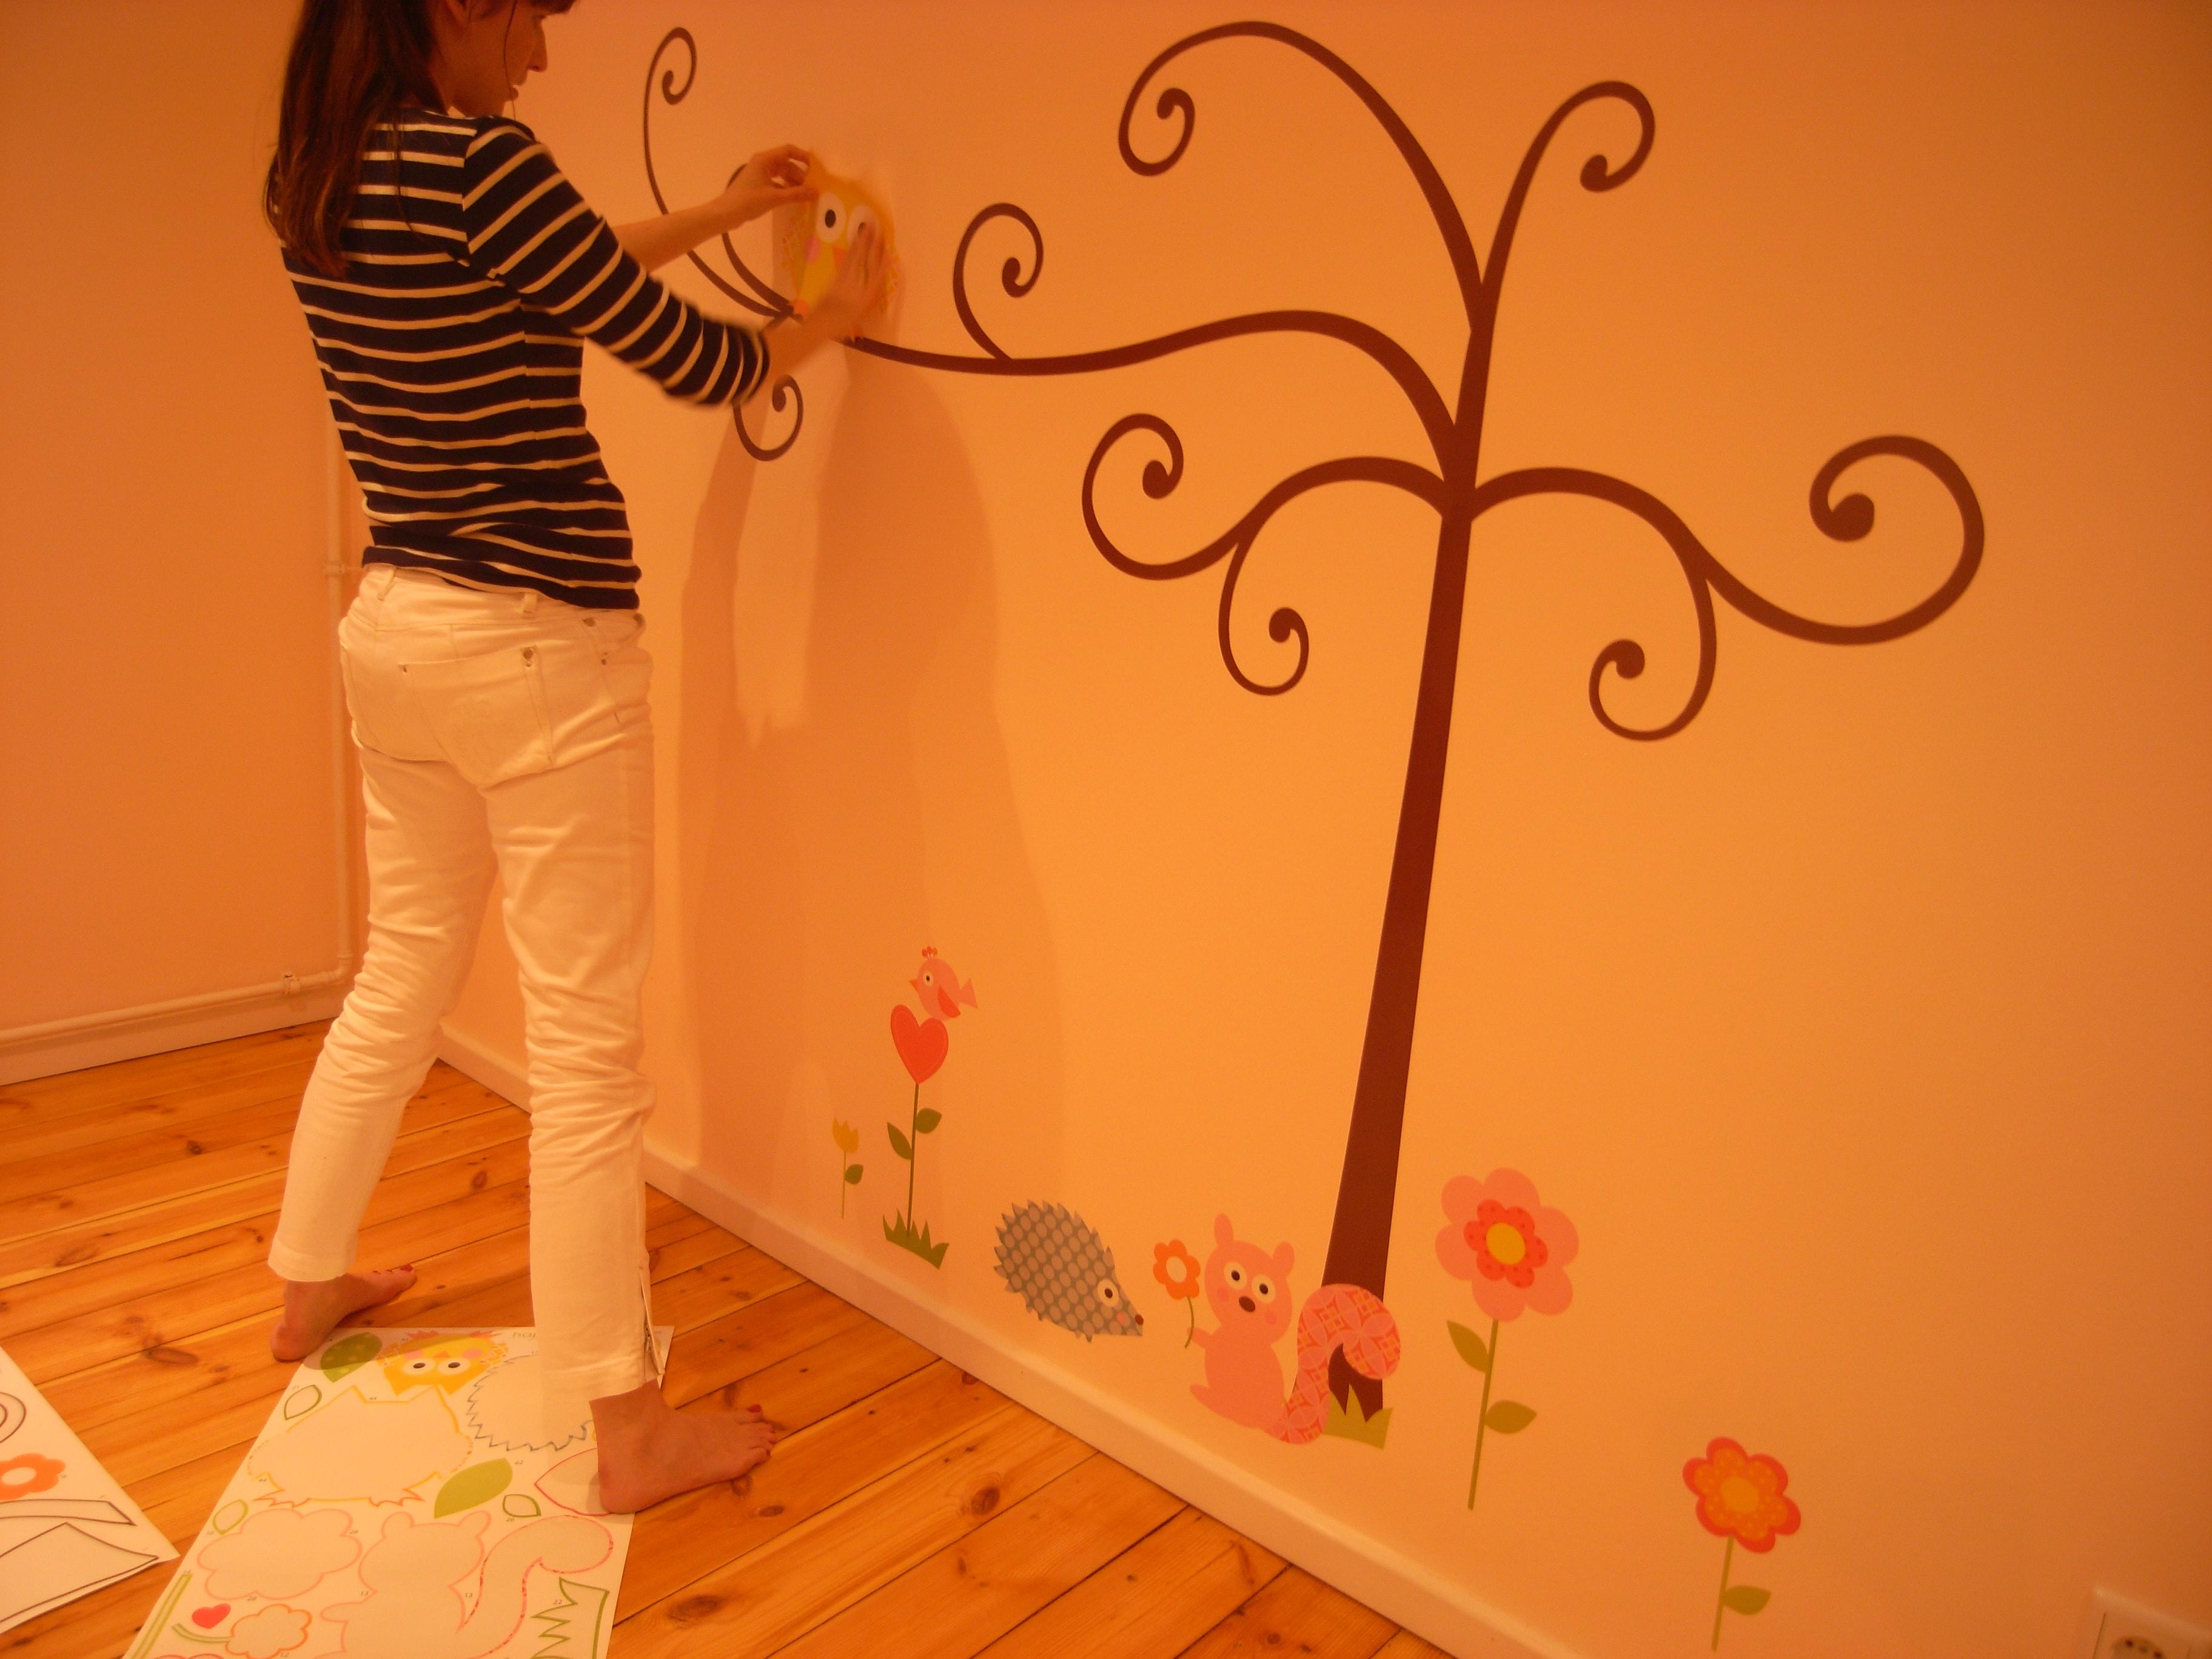 kinderzimmer dekorieren auch f r unbegabte der mamablog mit augenzwinkern frau. Black Bedroom Furniture Sets. Home Design Ideas